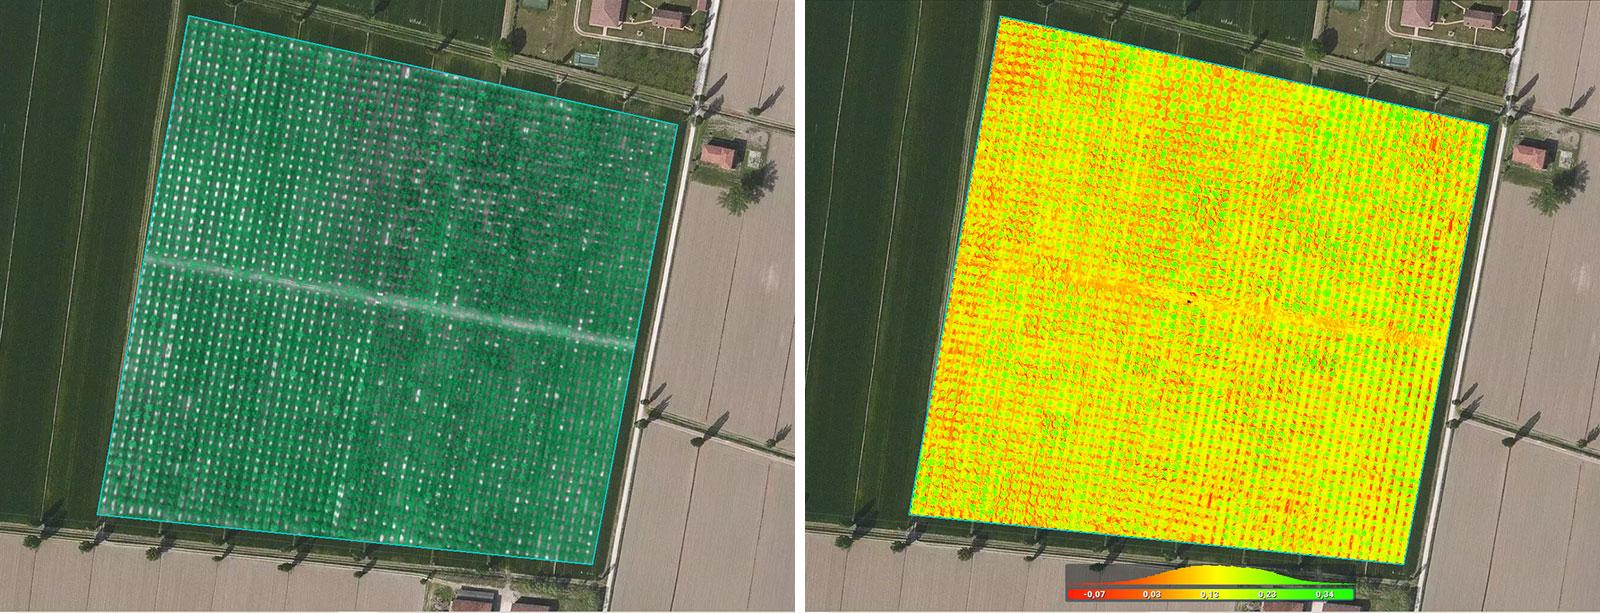 walnut tree mapping in Pix4Dfields